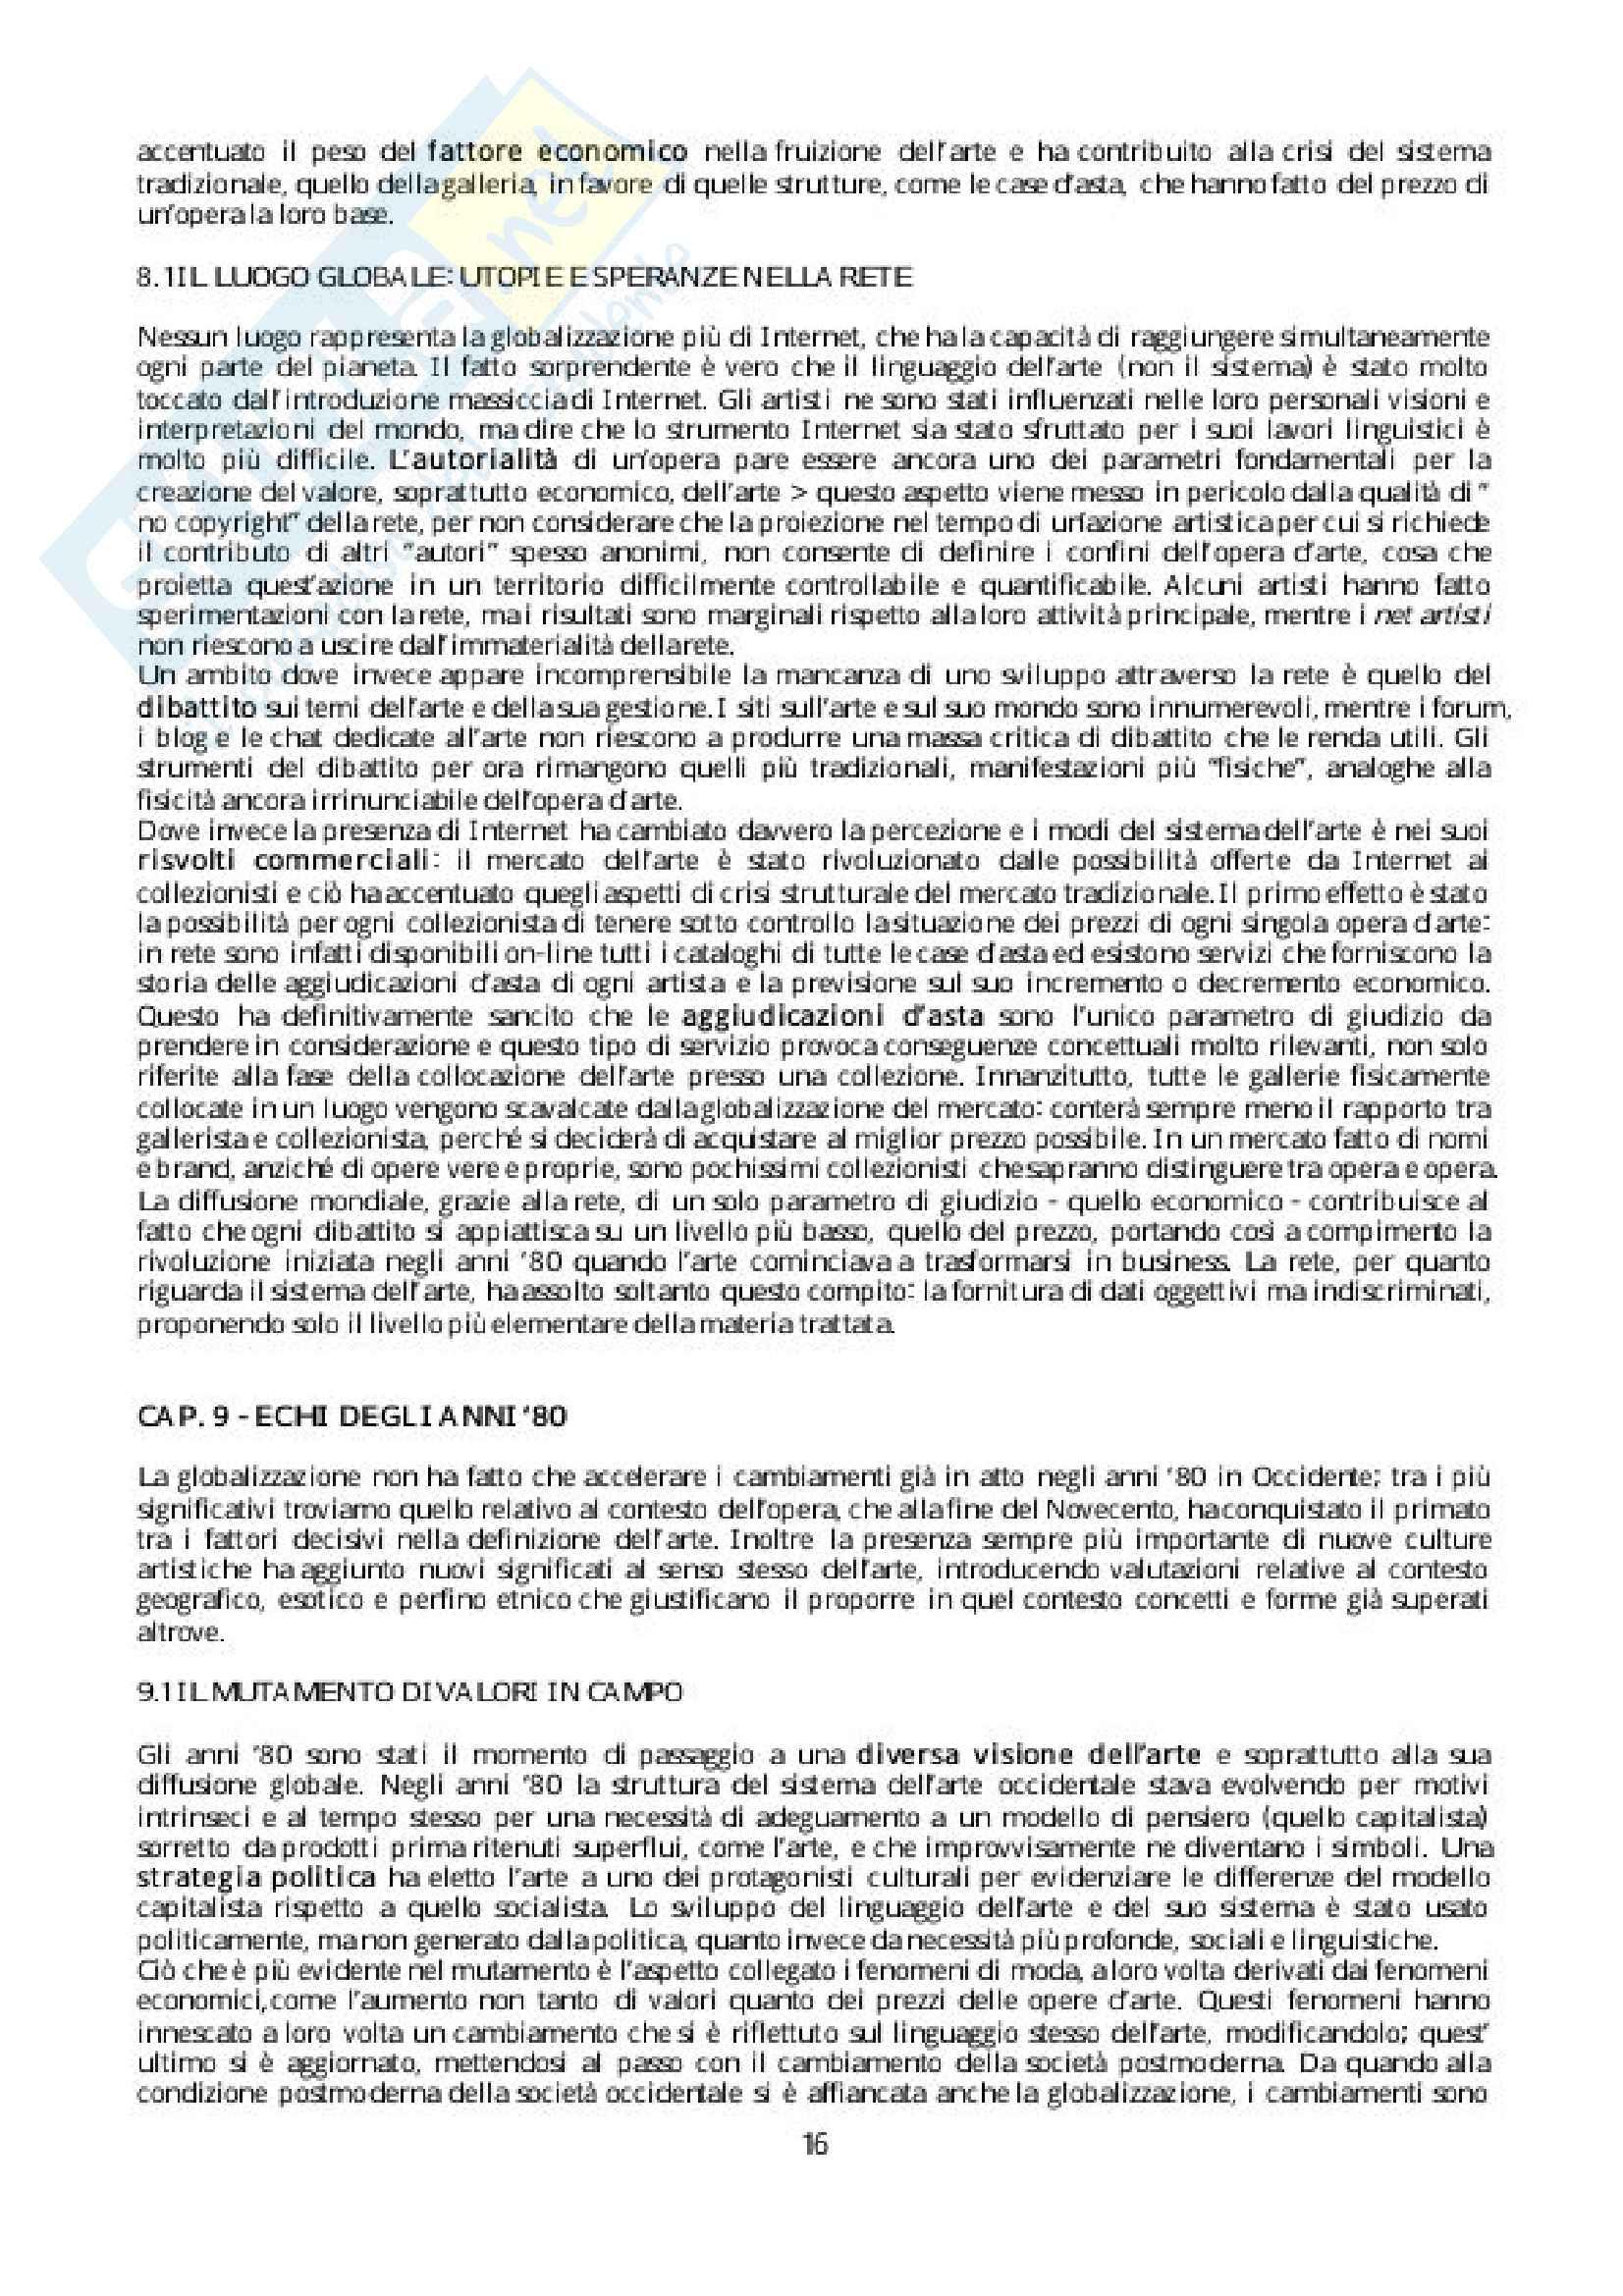 Riassunto esame Storia della critica, Docente Evangelisti. Libro consigliato Breve storia della globalizzazione in arte, Autore: Meneguzzo Pag. 16